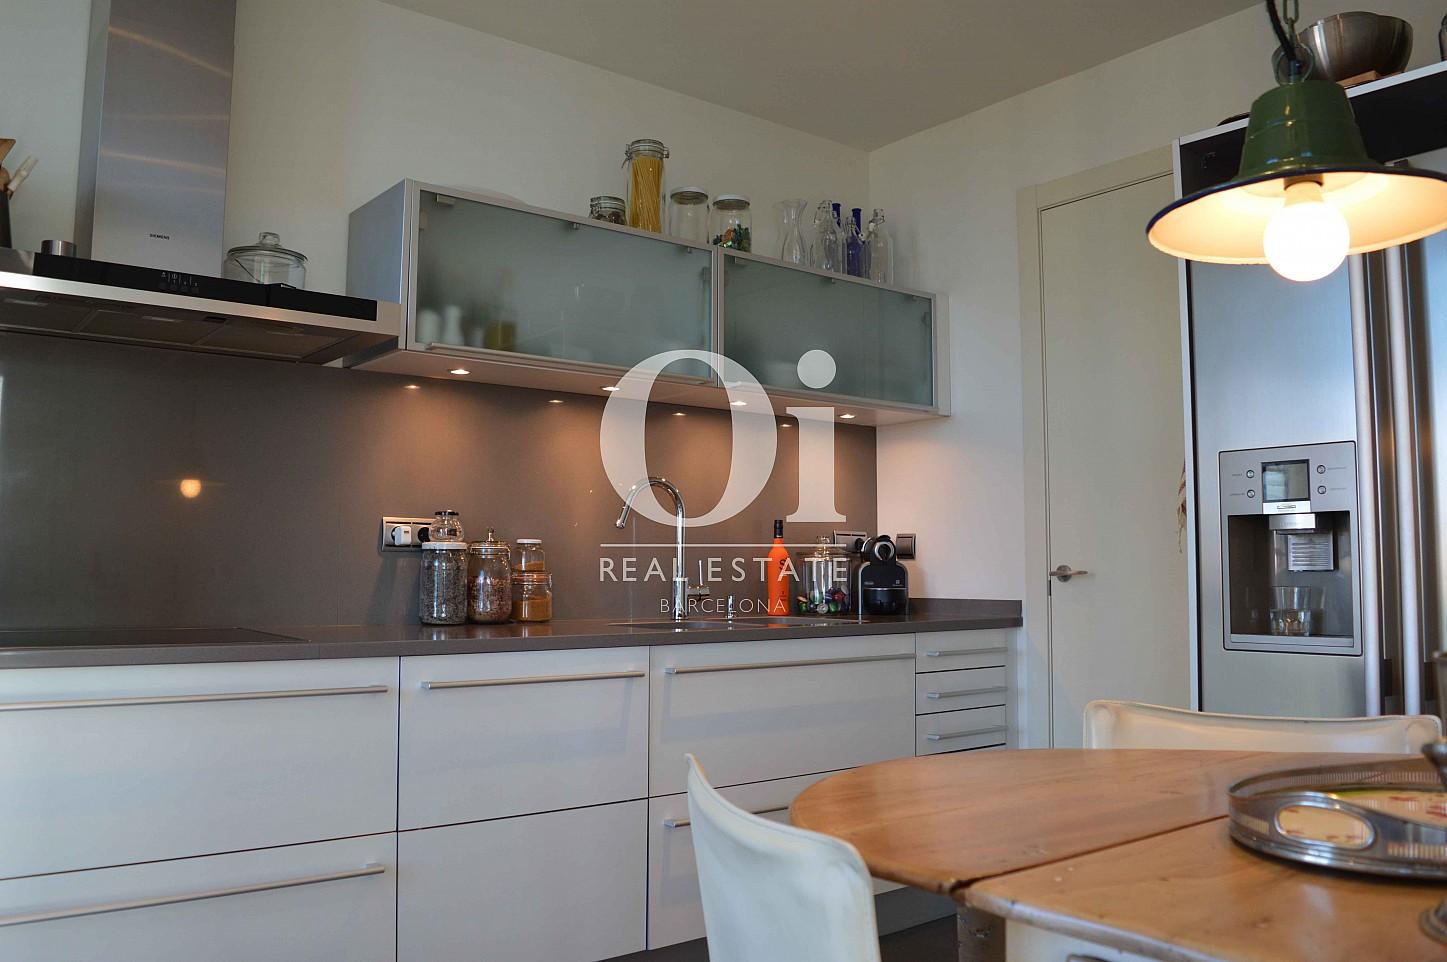 Cuisine d'appartement à vendre à Diagonal Mar, Barcelone